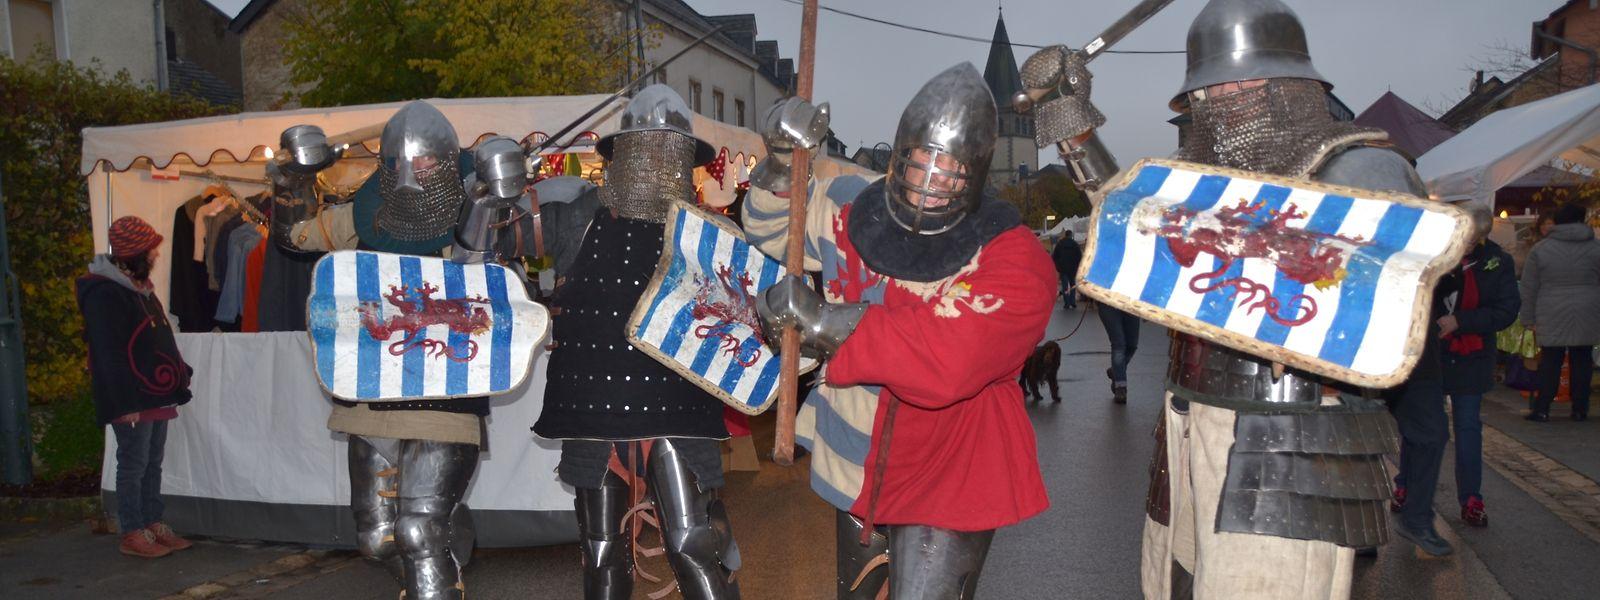 Johann der Blinde mit seinen Rittern ist nicht so gefährlich wie er aussieht.